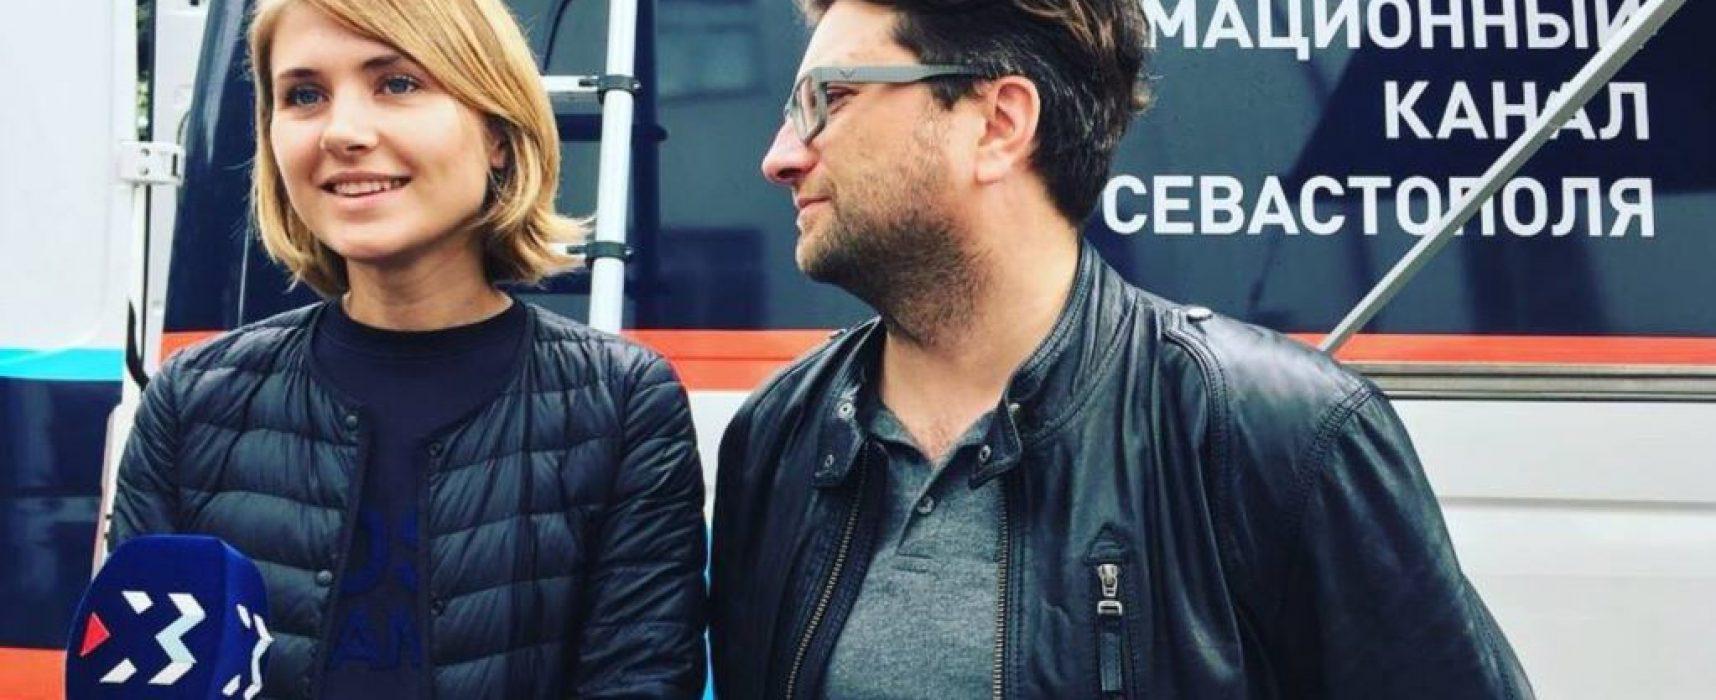 «Канал мечты»: как москвичи создавали в Севастополе «лучшее телевидение»